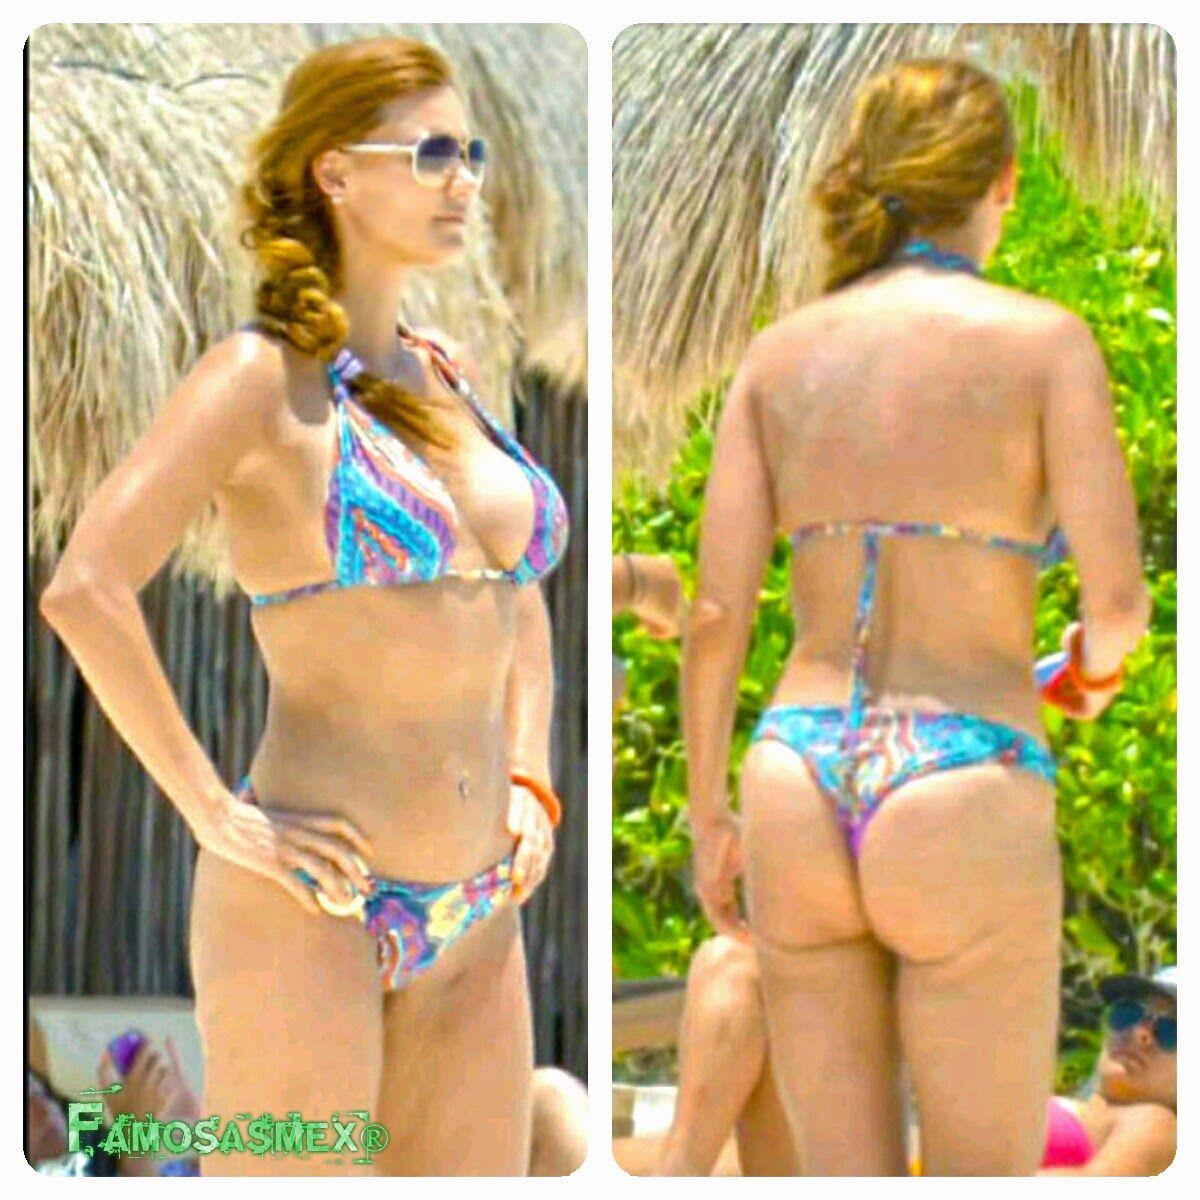 Maritere Alessandri Bikini En Tvnotas Famosasmex